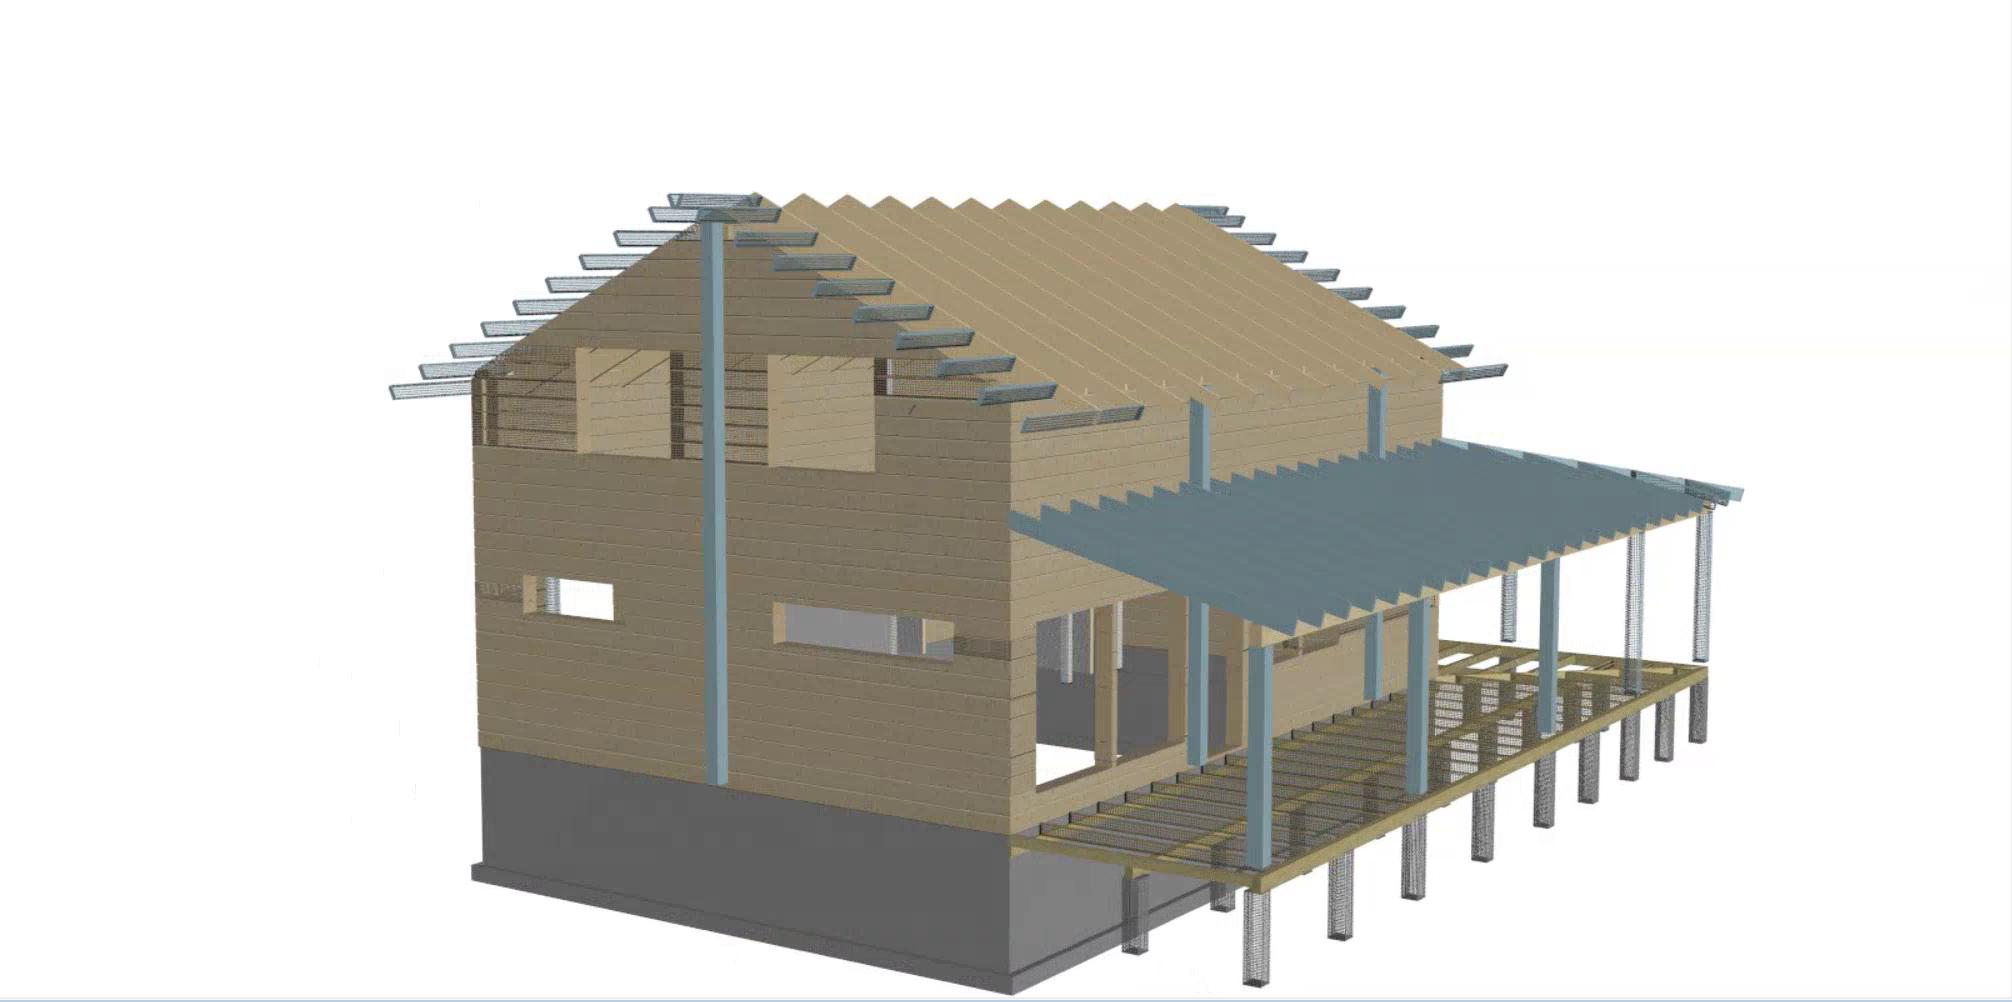 Hirsirakennuksen kantavat rakenteet